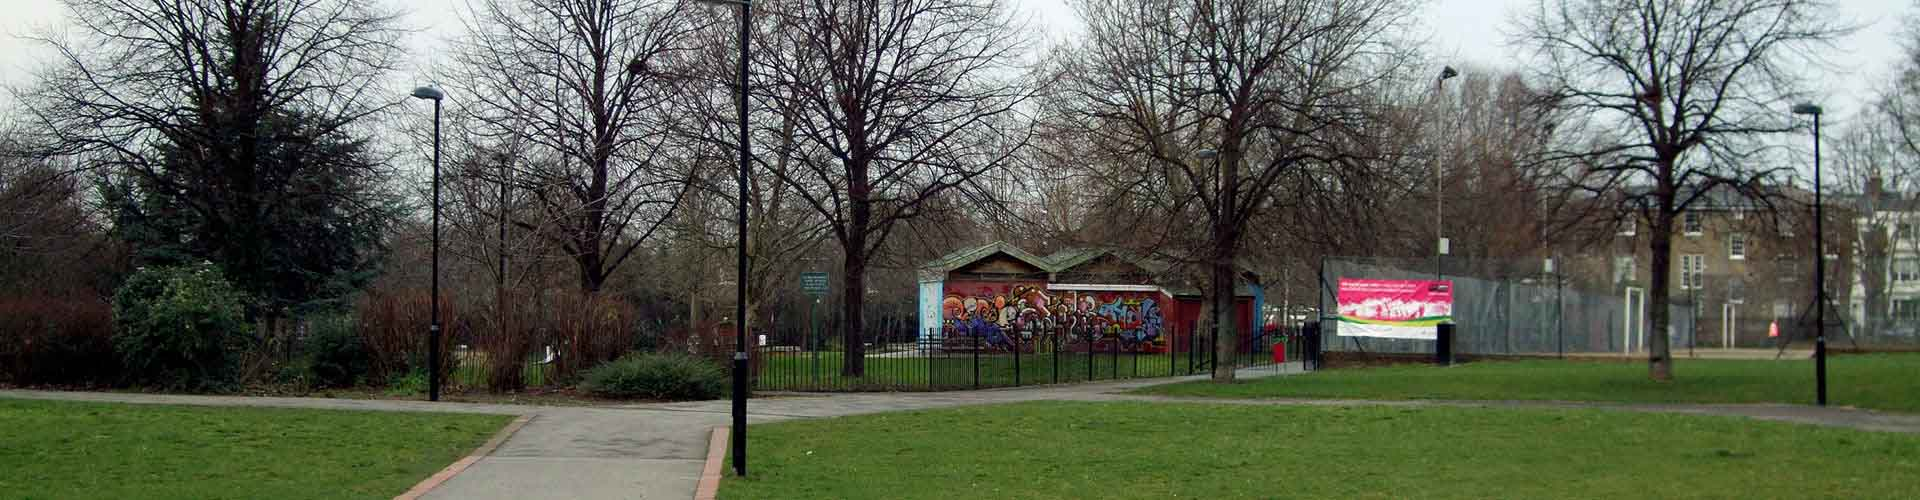 伦敦 – Borough of Islington区的青年旅舍。伦敦地图,伦敦每间青年旅舍的照片和评价。